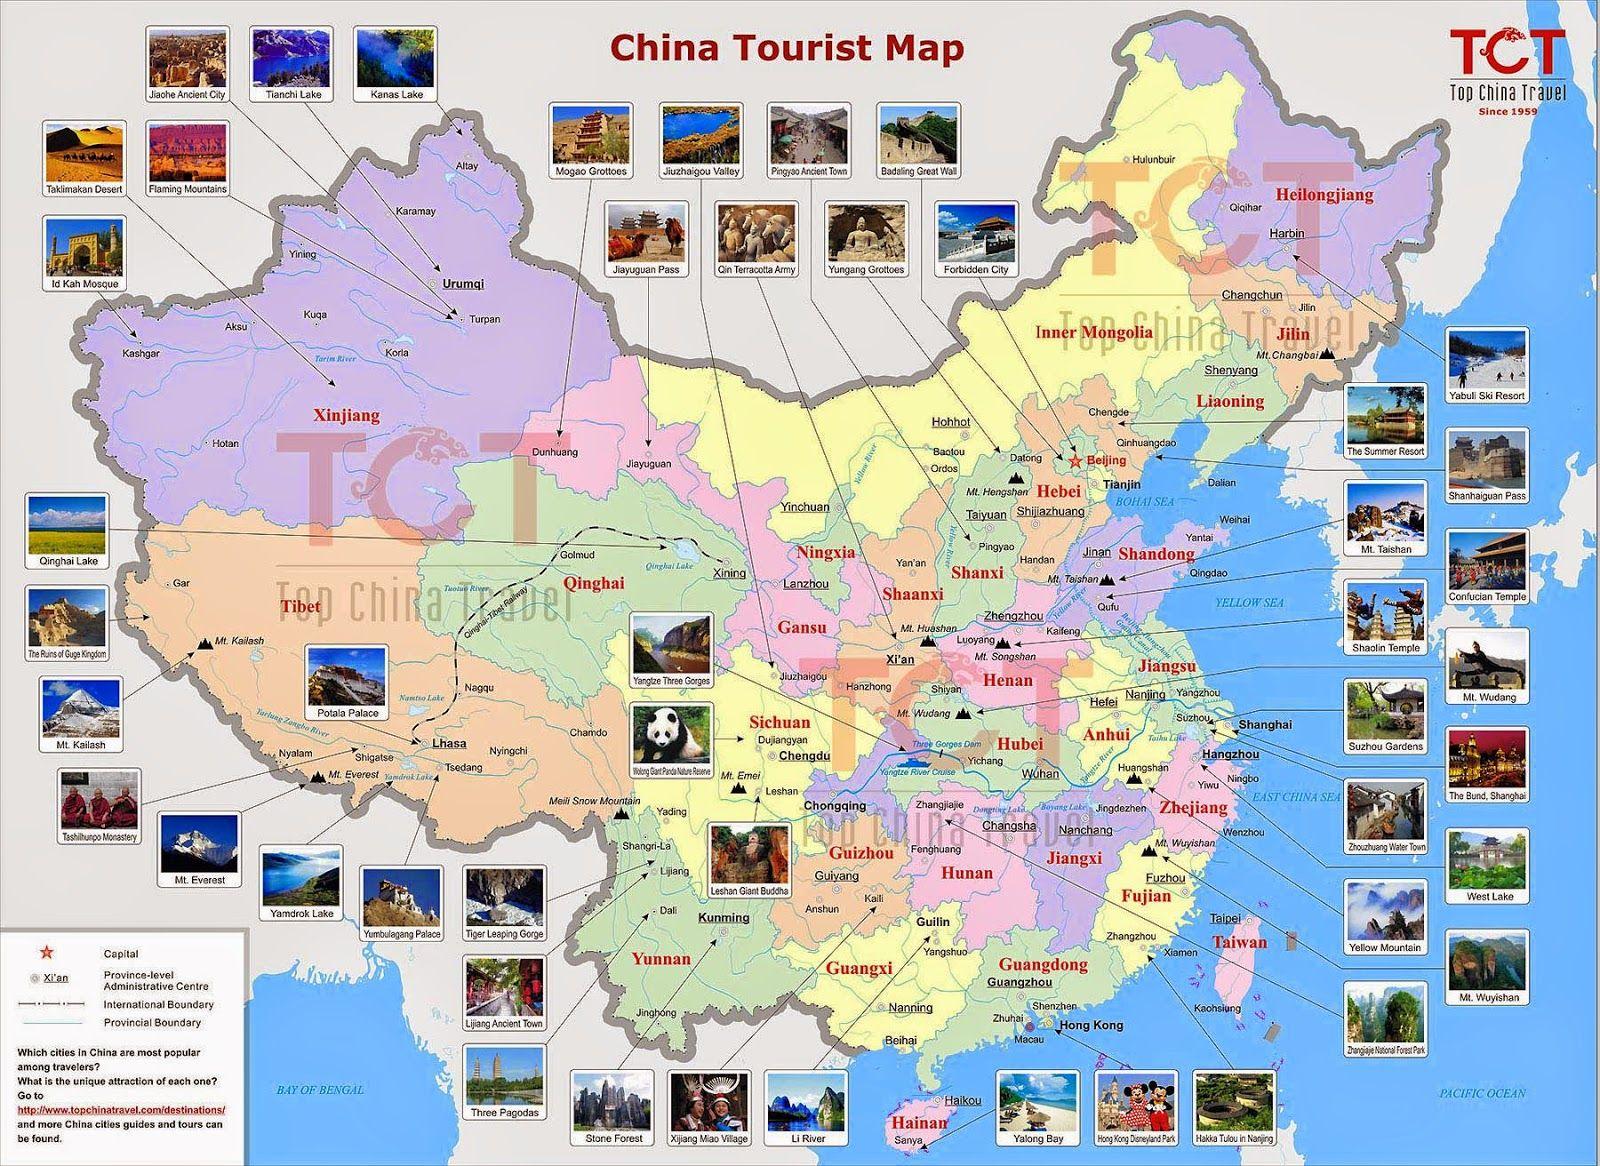 Afficher Limage Dorigine Tour Du Monde Pinterest - Chengde map